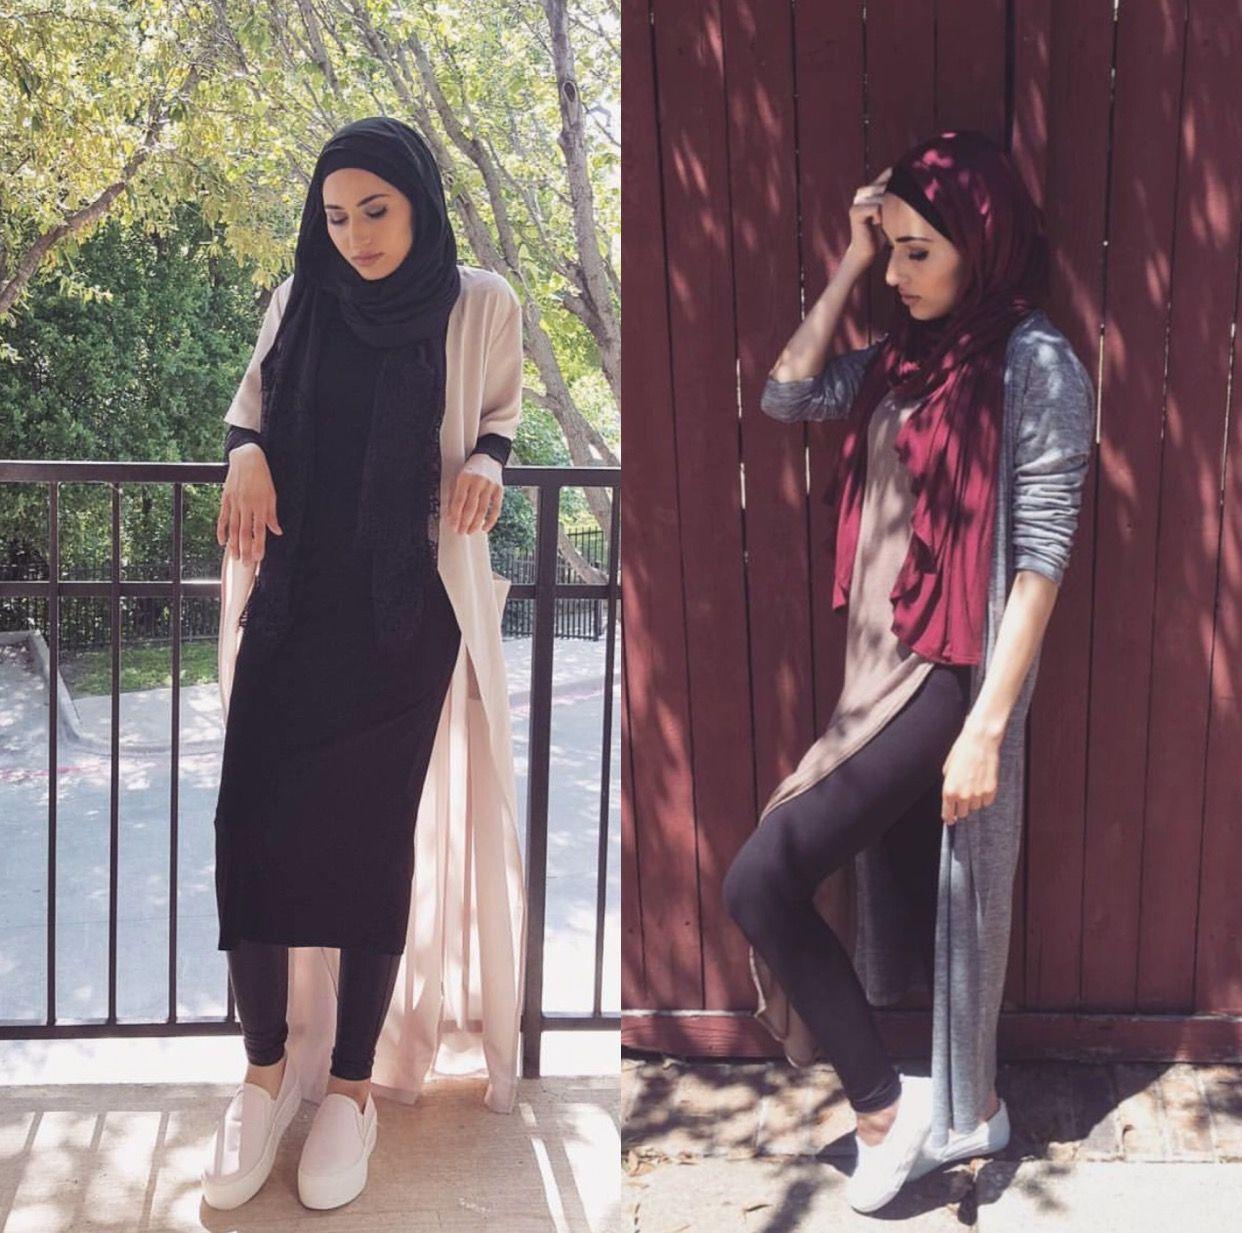 Épinglé par sheraz 95 sur mode Hijeb   Pinterest   Mode 330a2cc1f50d